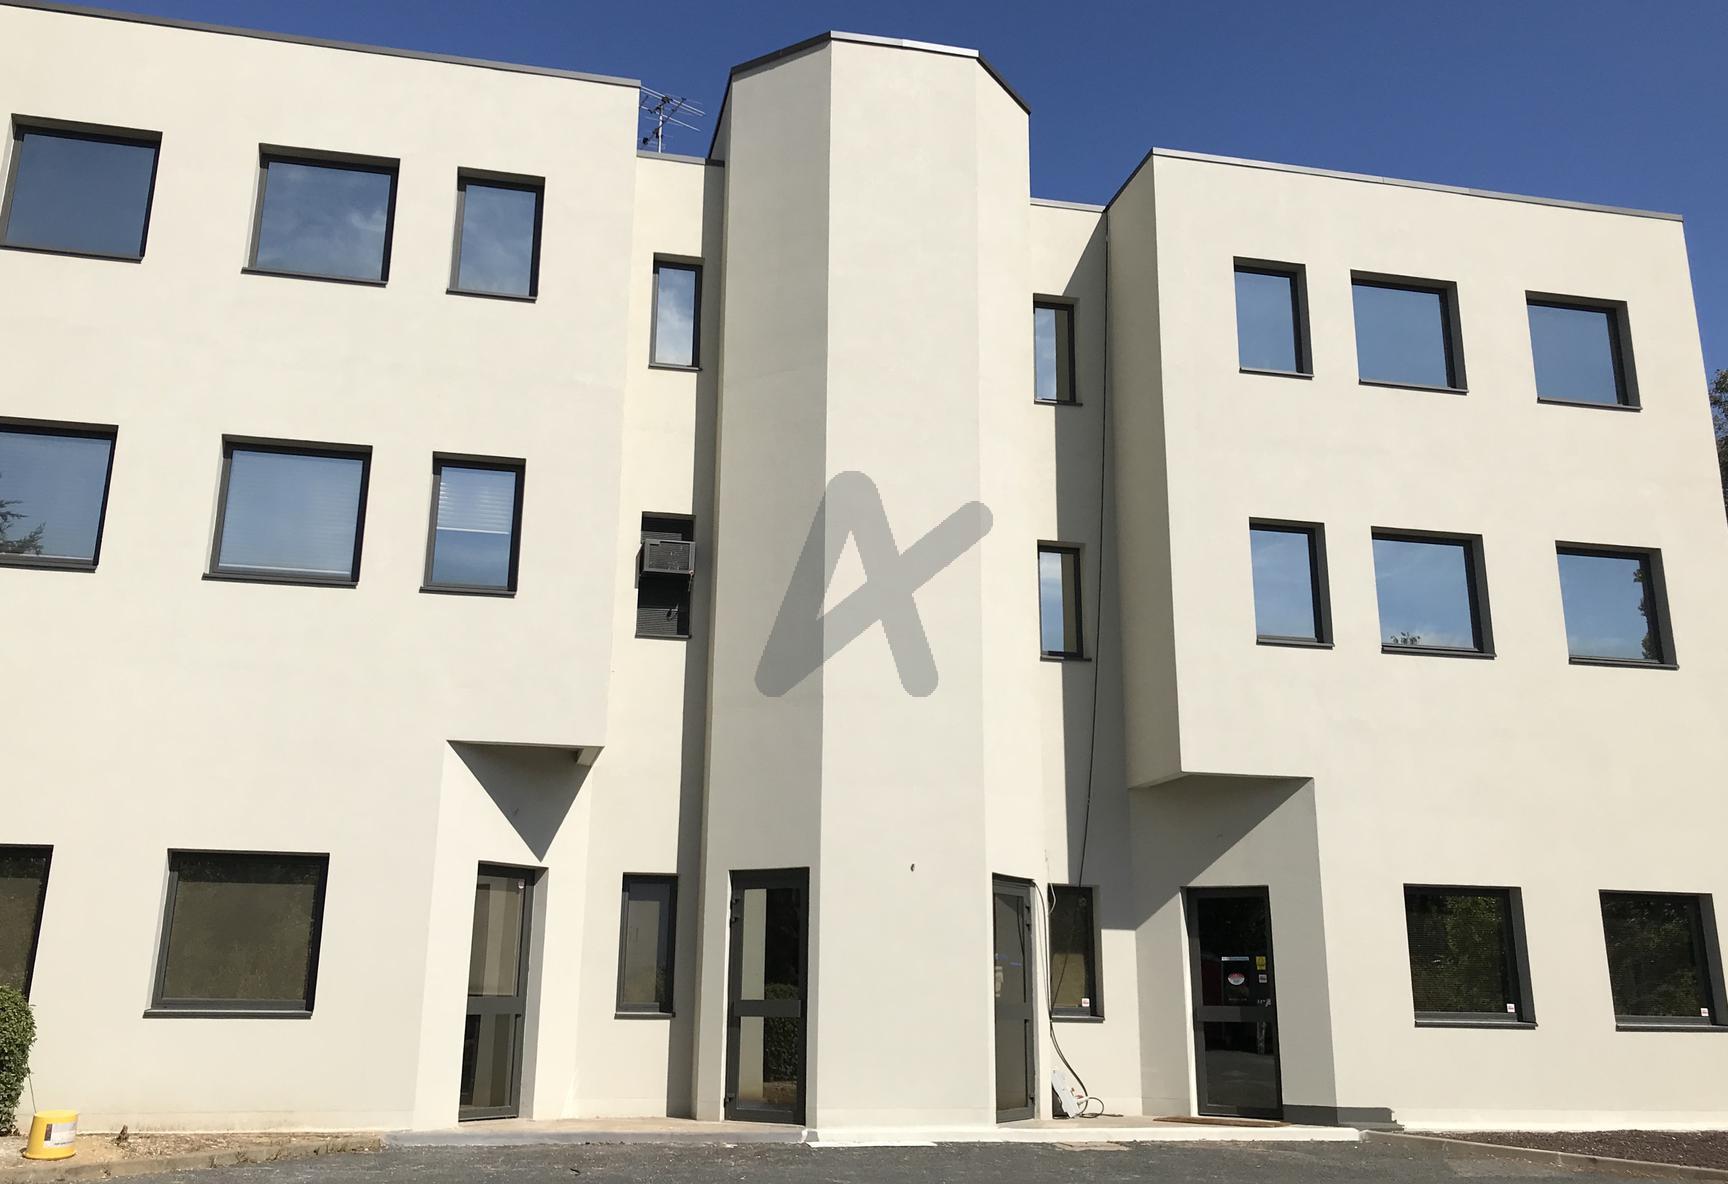 Vente immobilier professionnel bureaux de 264m2 en - Bureau de vente immobilier ...